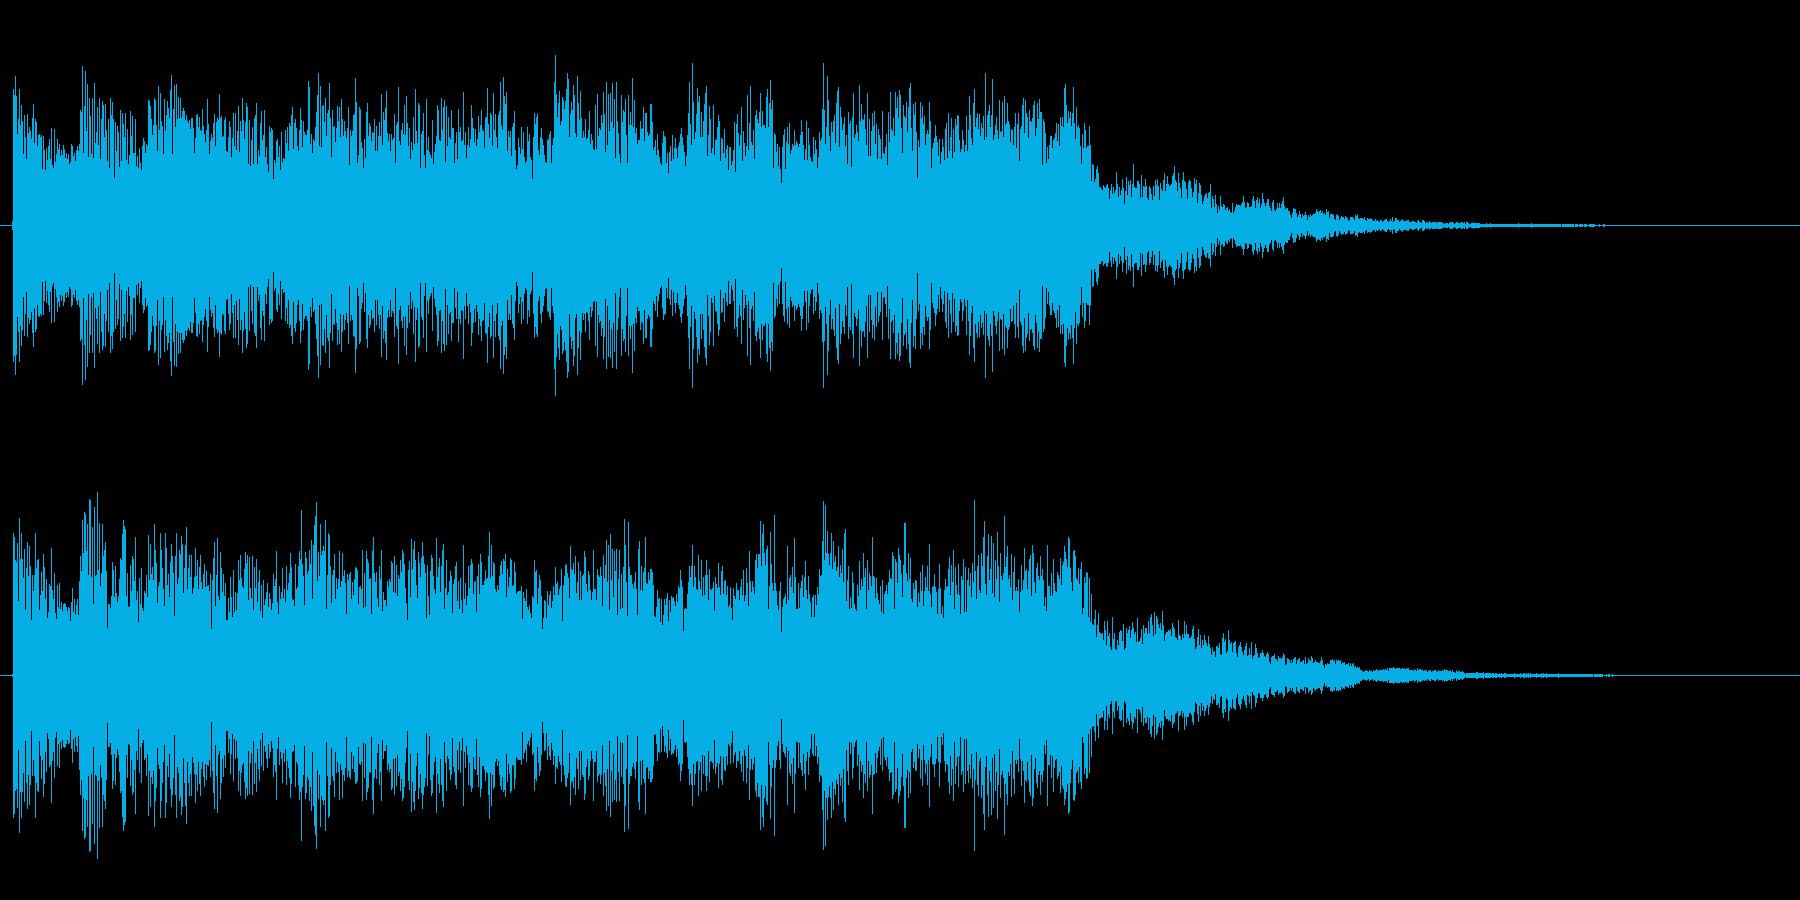 ミステリアス 摩訶不思議な怪しい音 奇妙の再生済みの波形